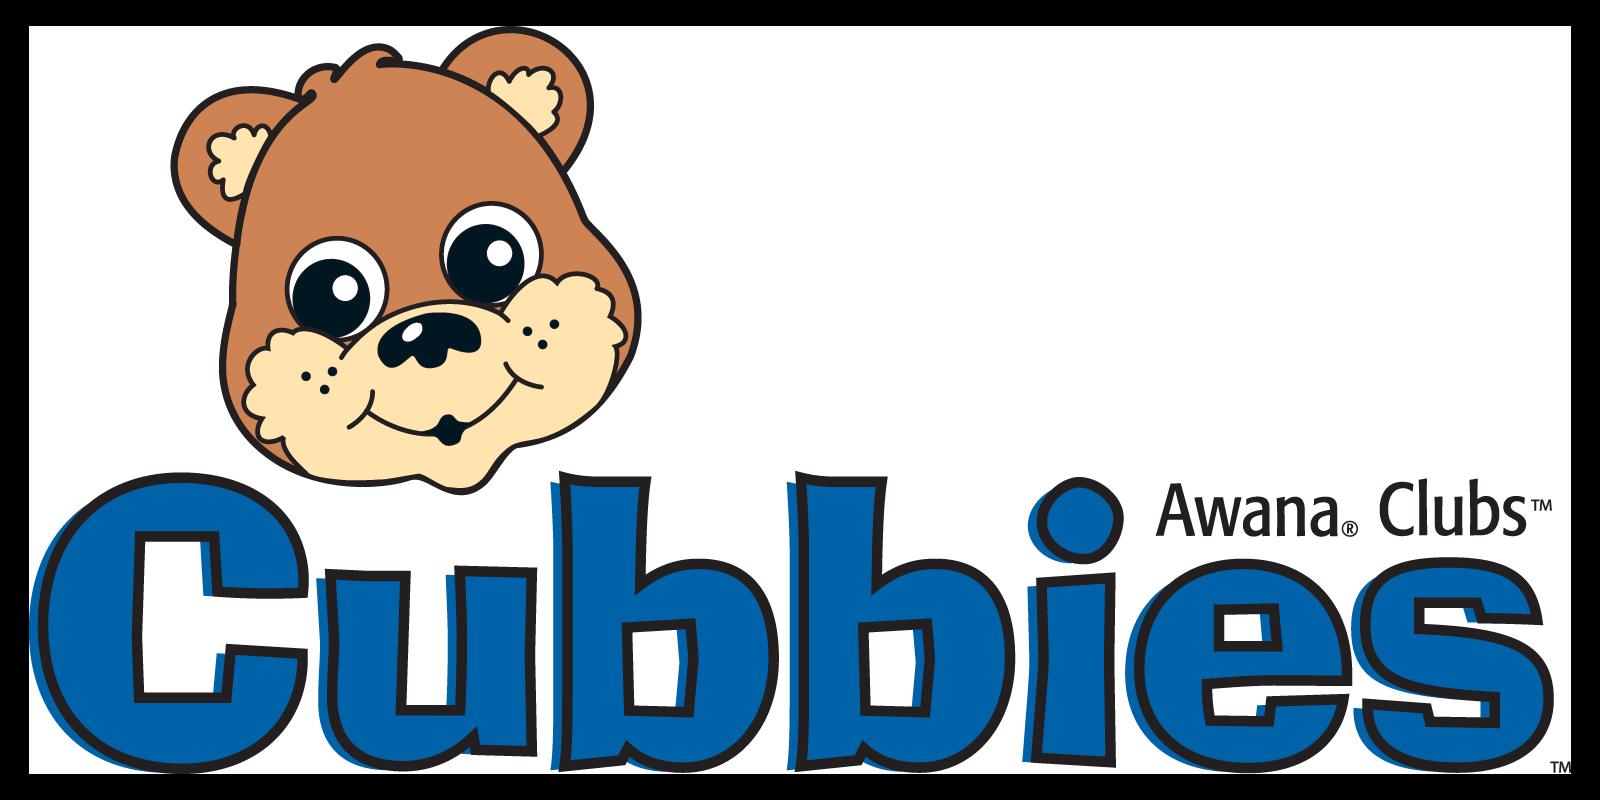 cubbies-logo-colorP